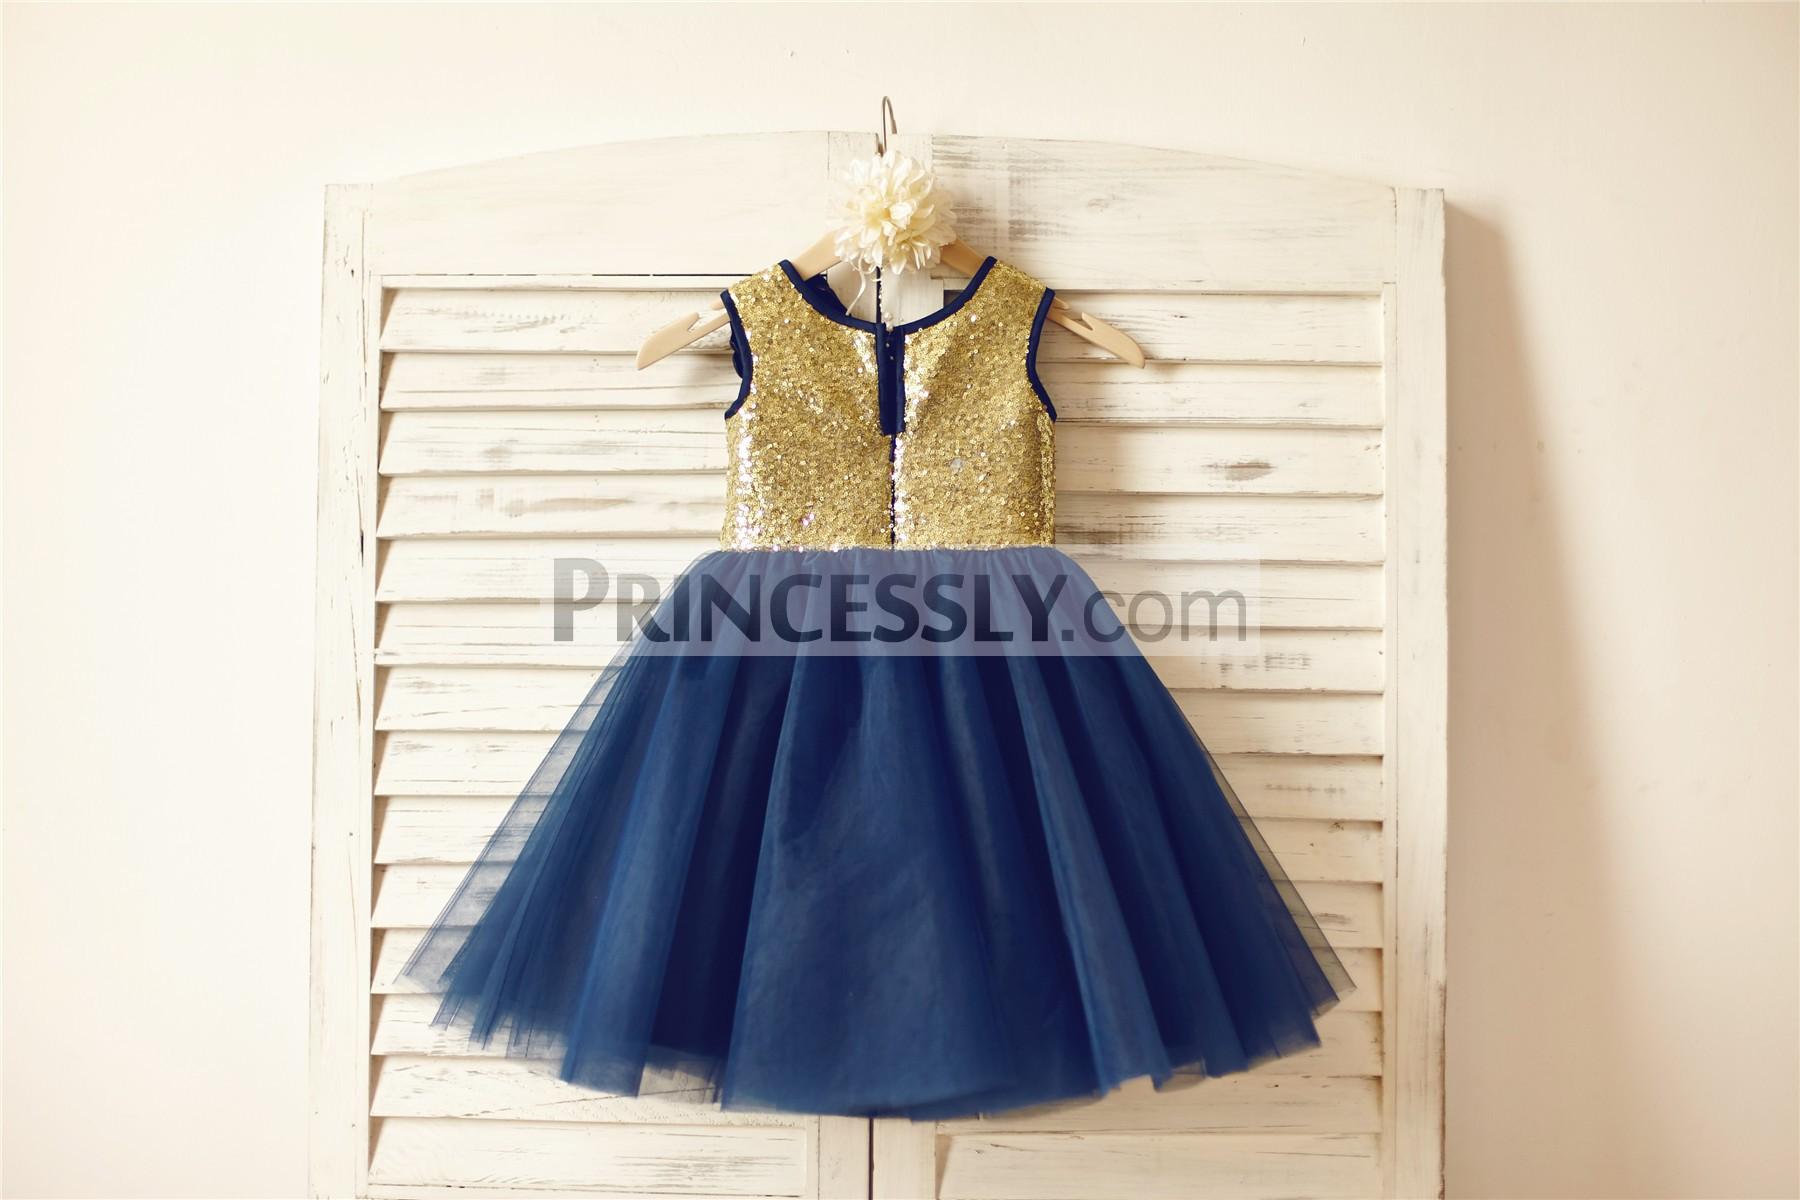 Gold sequins navy blue tulle skirt wedding baby girl dress